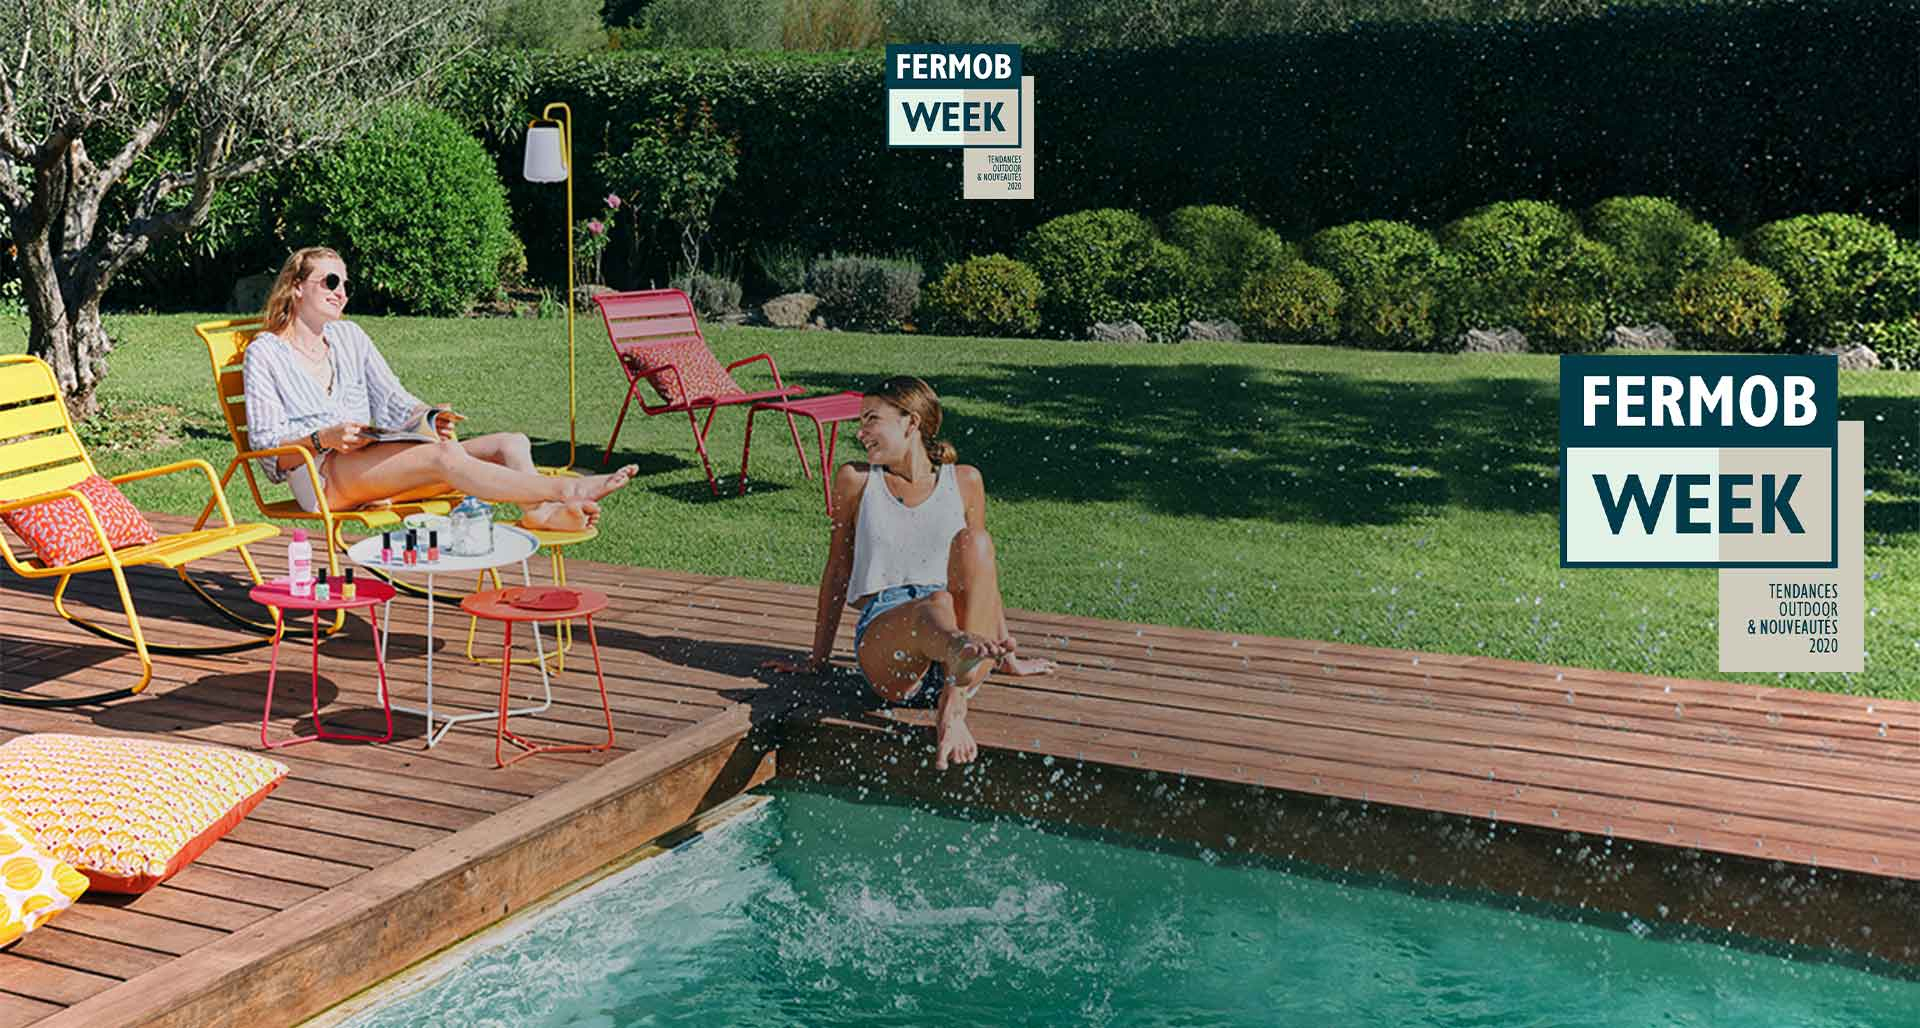 Jardineries Truffaut : Spécialiste Jardin, Animaux, Maison ... serapportantà Salon De Jardin Truffaut